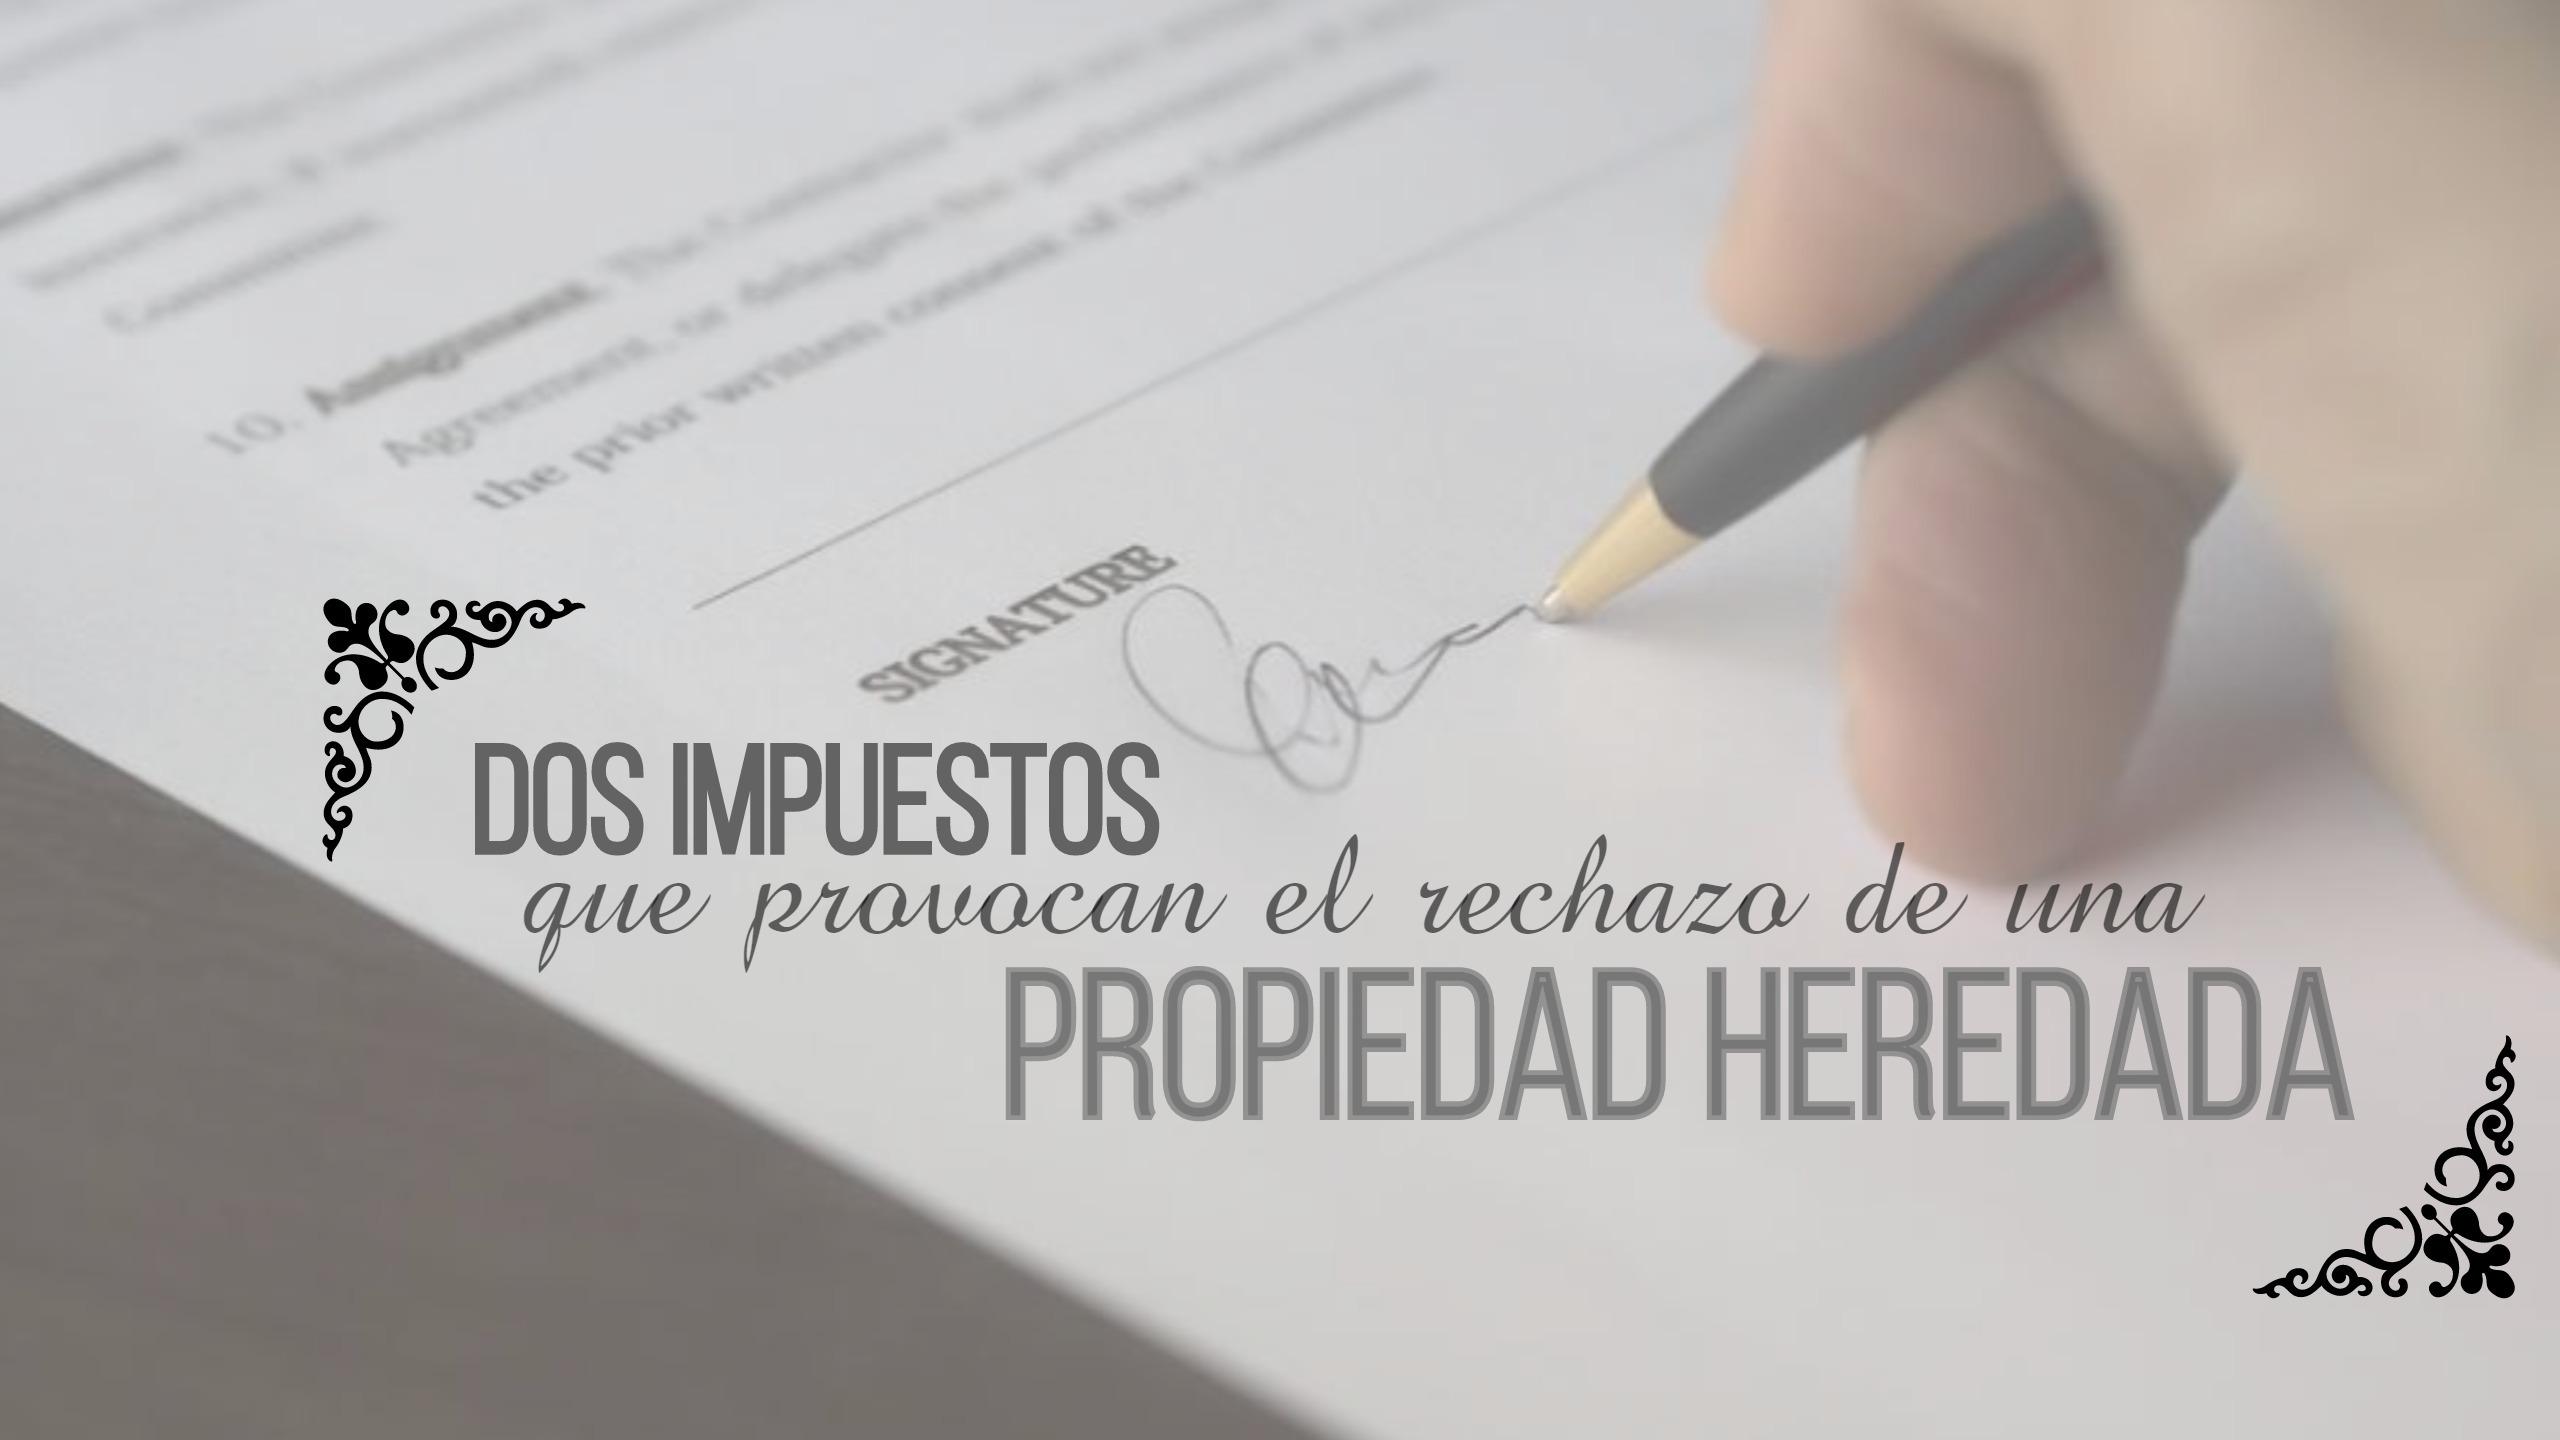 herencia - Dos impuestos que provocan el rechazo de una propiedad heredada